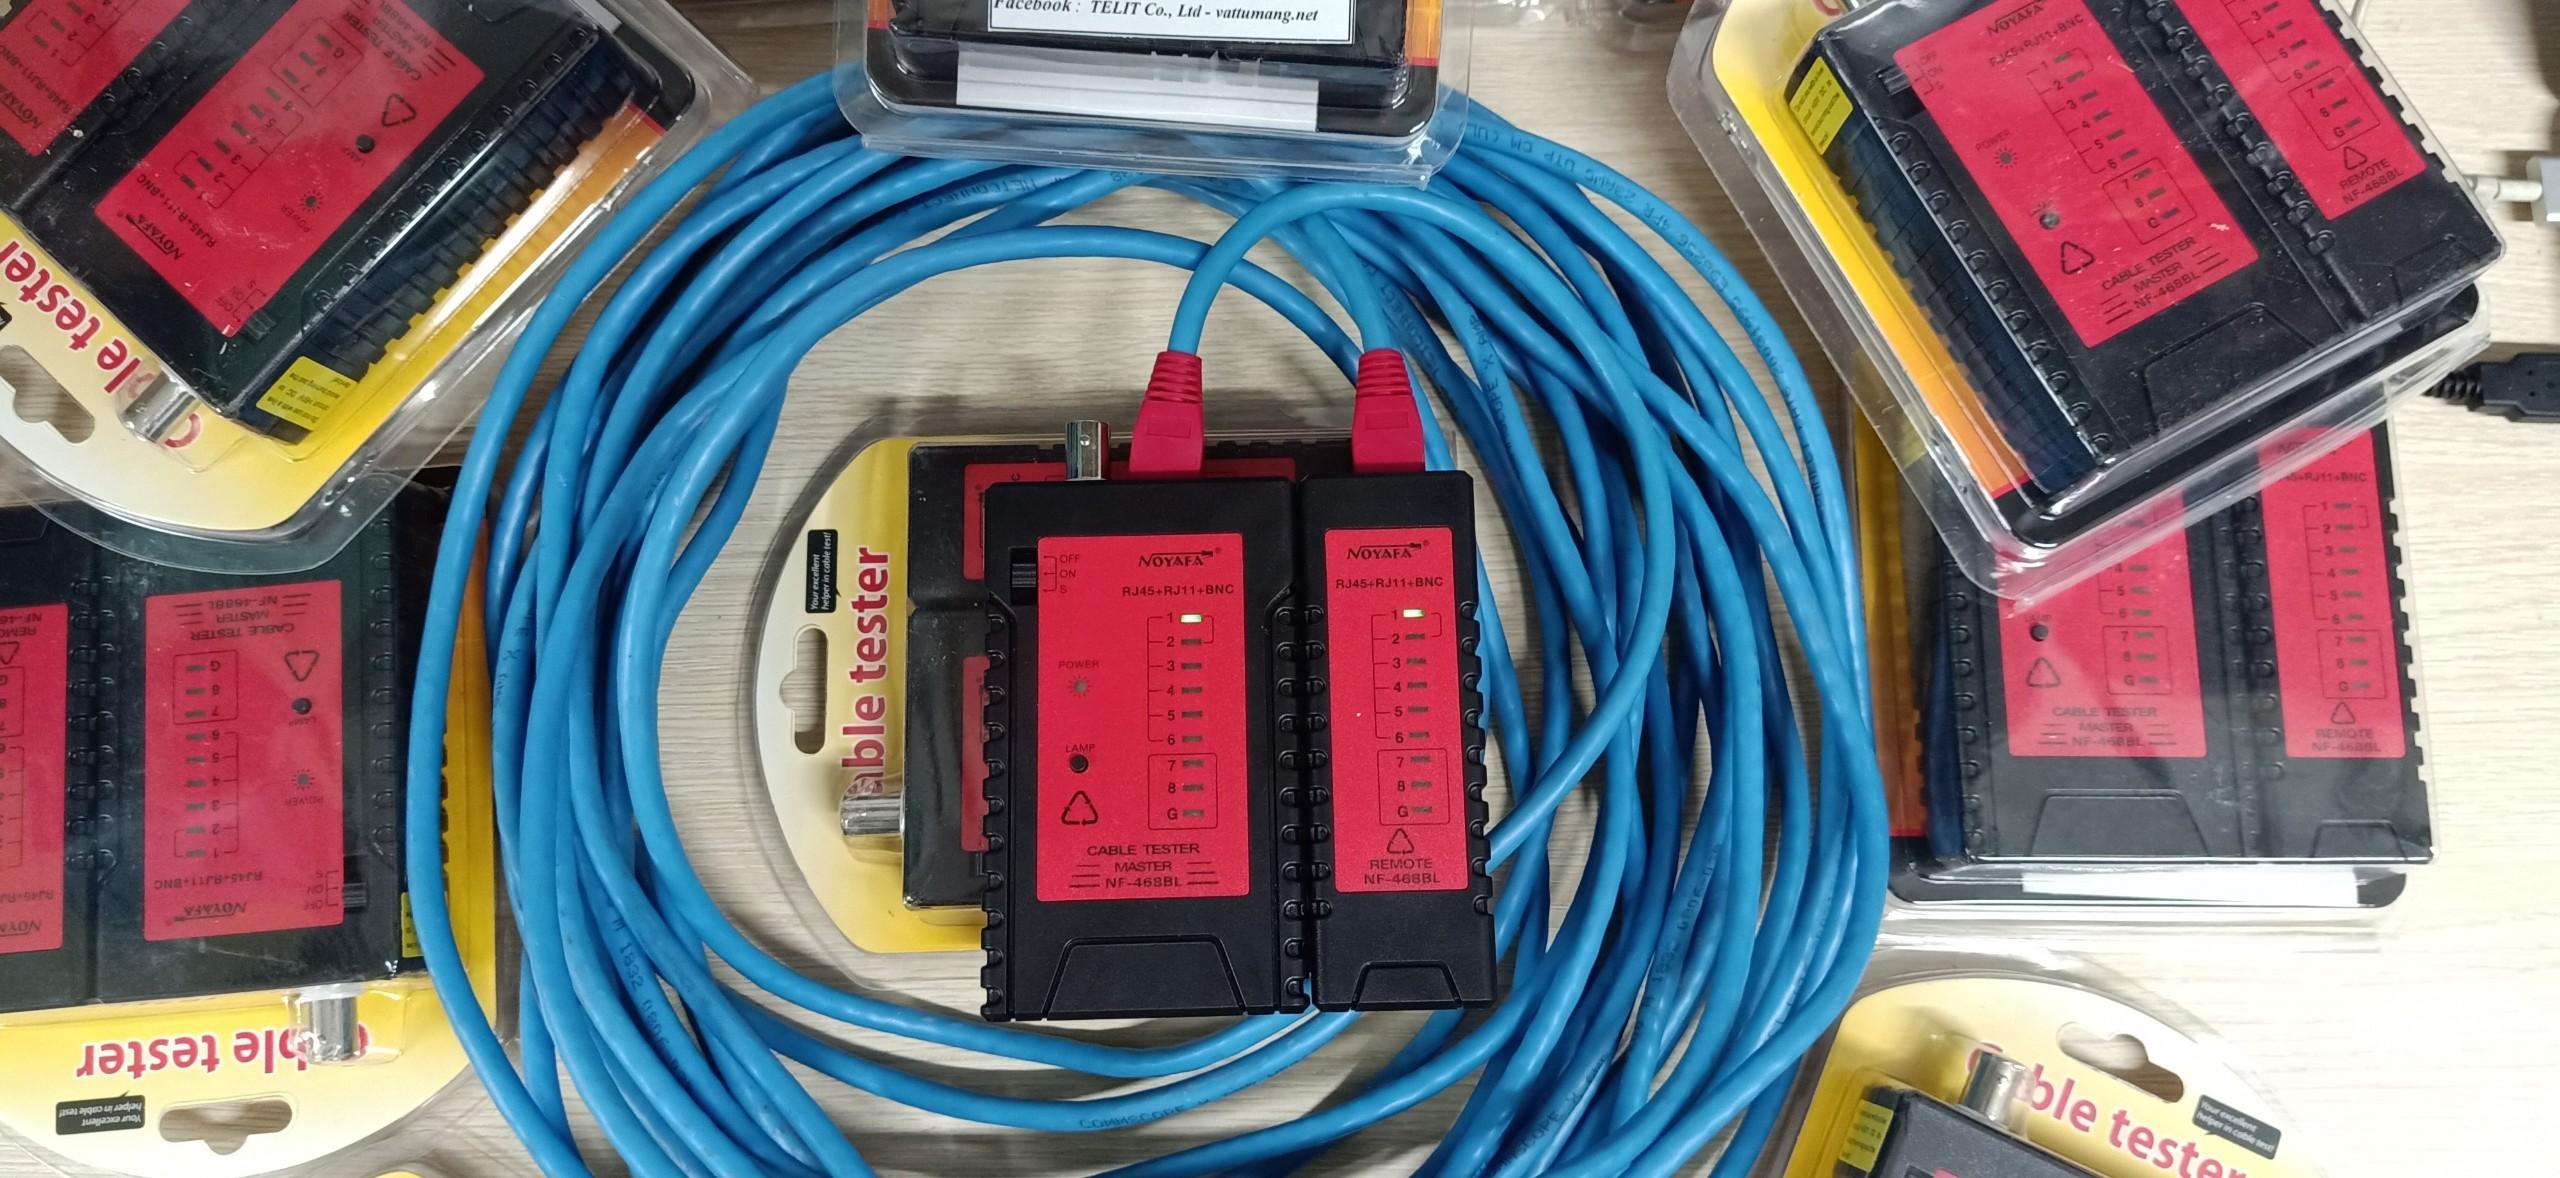 Bộ test cáp mạng NF-468BL Noyafa RJ11/RJ45/BNC/LED - Hàng chính hãng